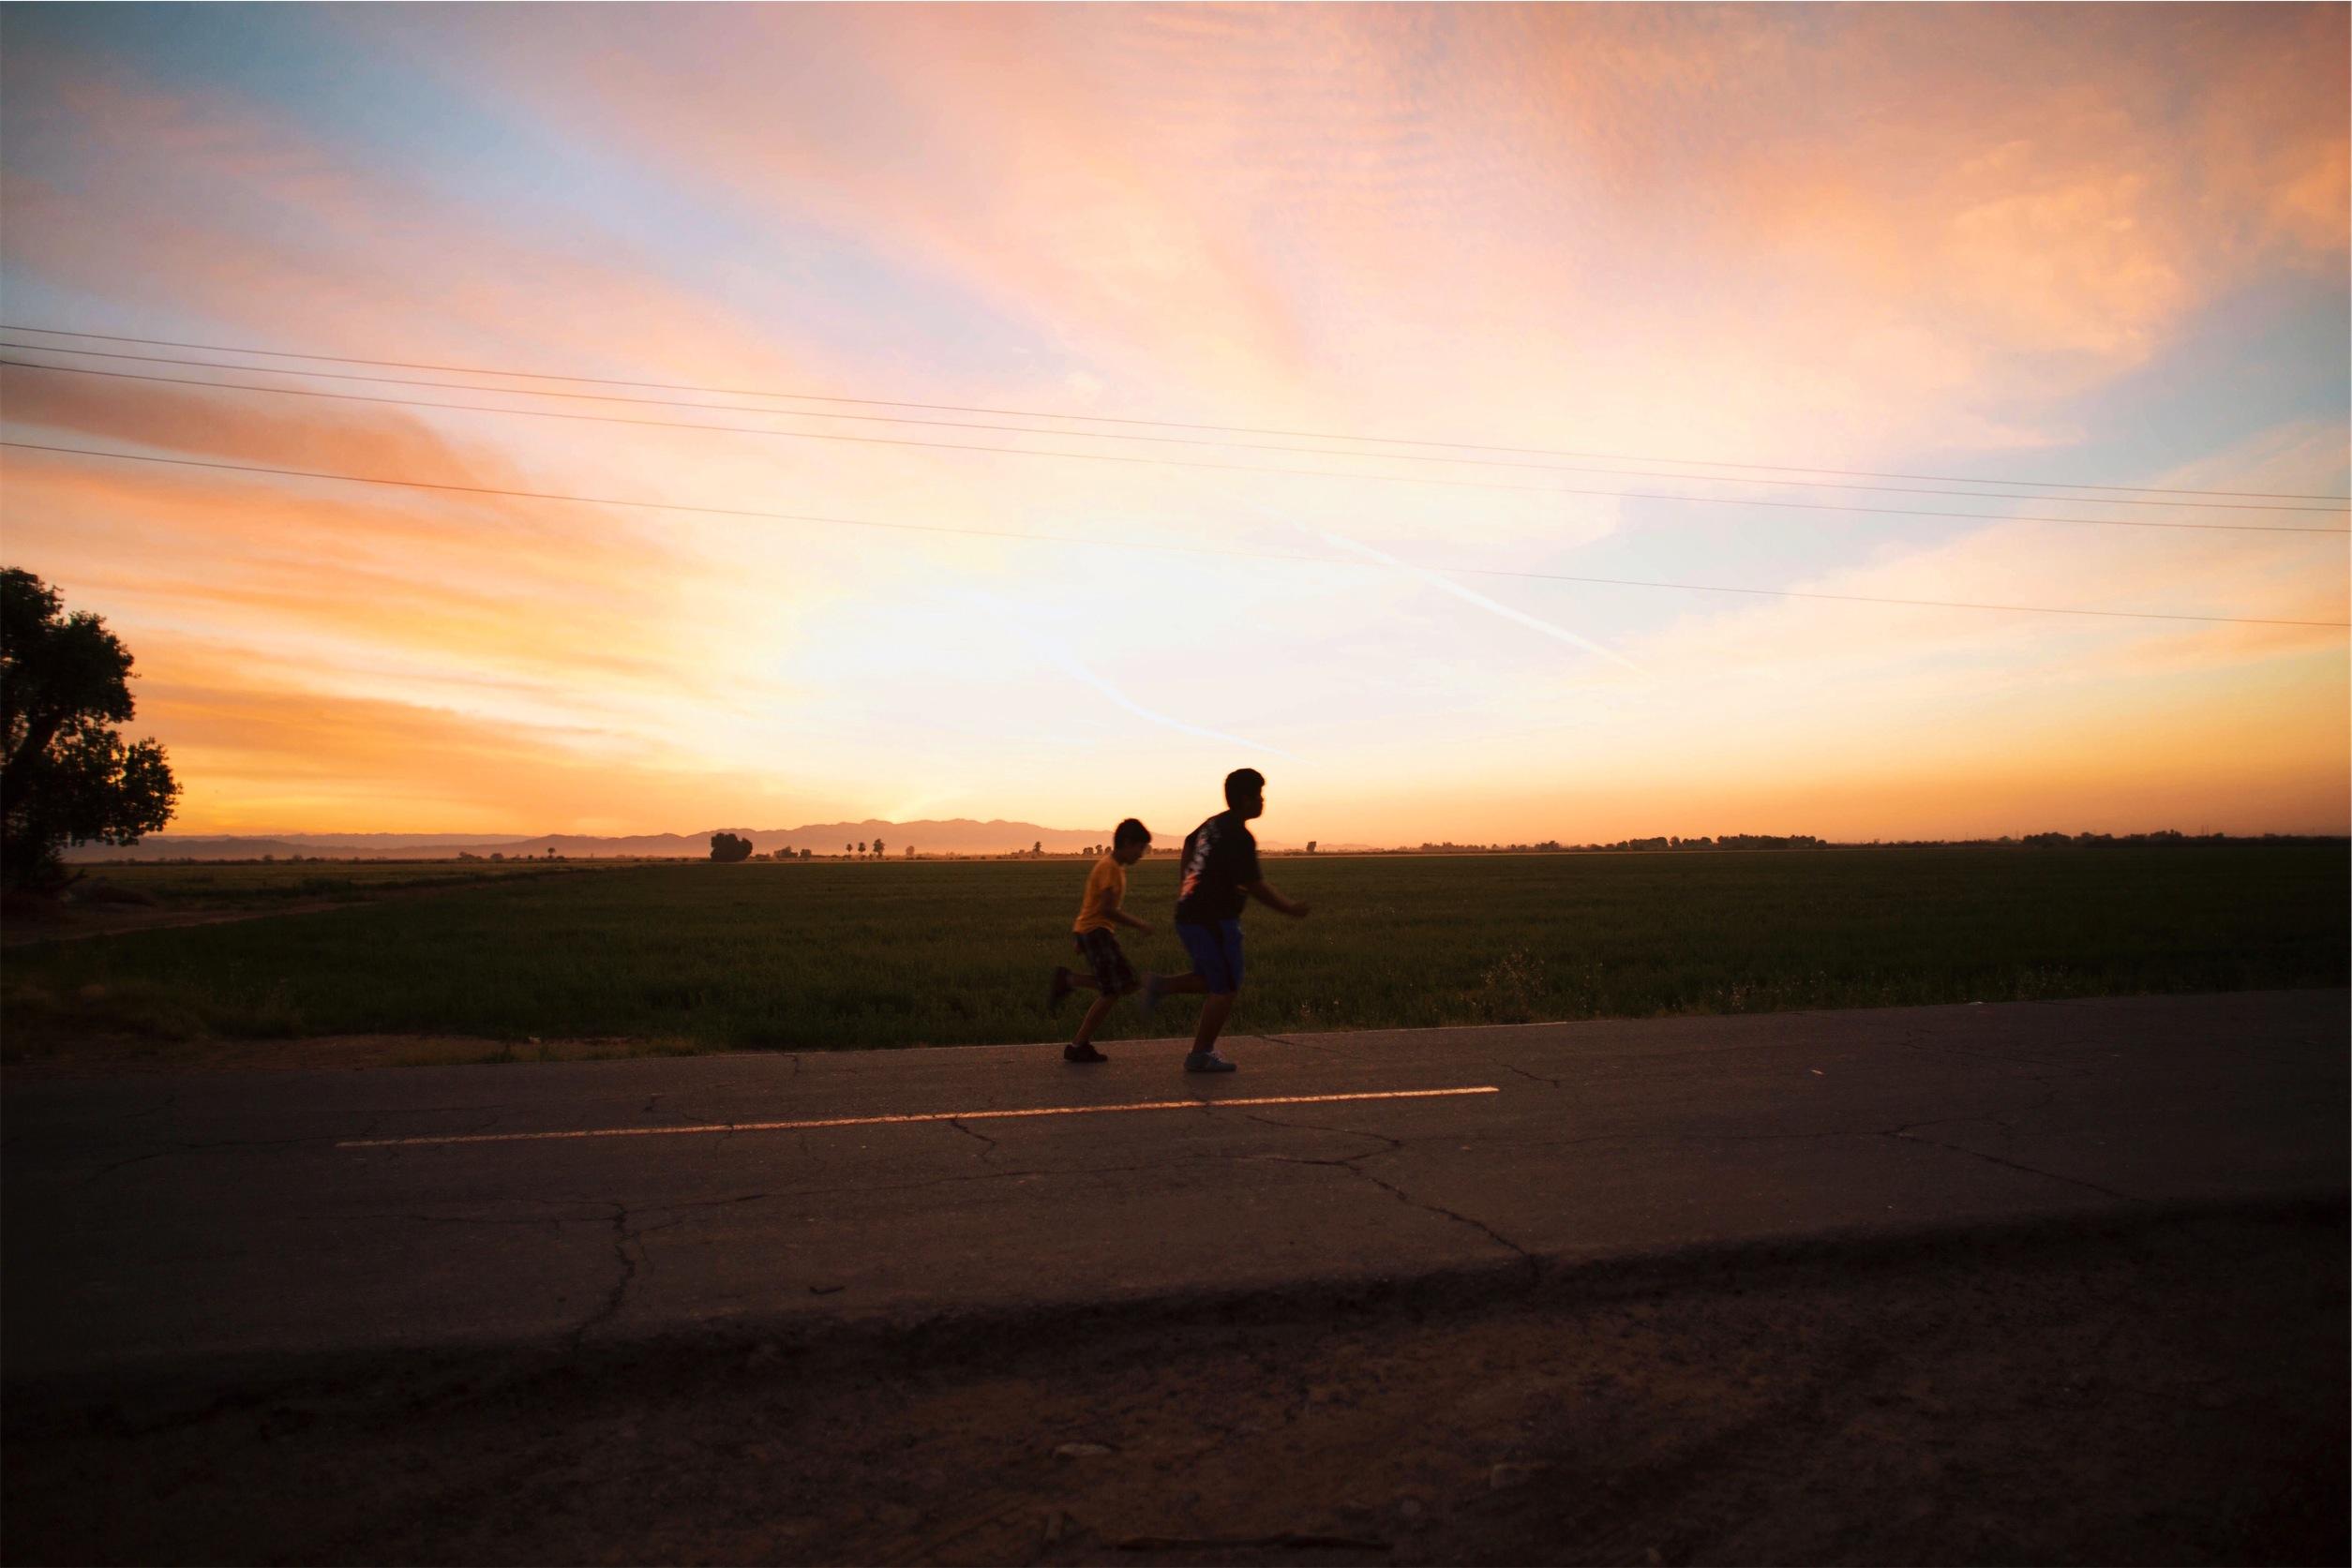 Projekt Global Running Day chce 1. června rozběhat milion dětí po celém světě